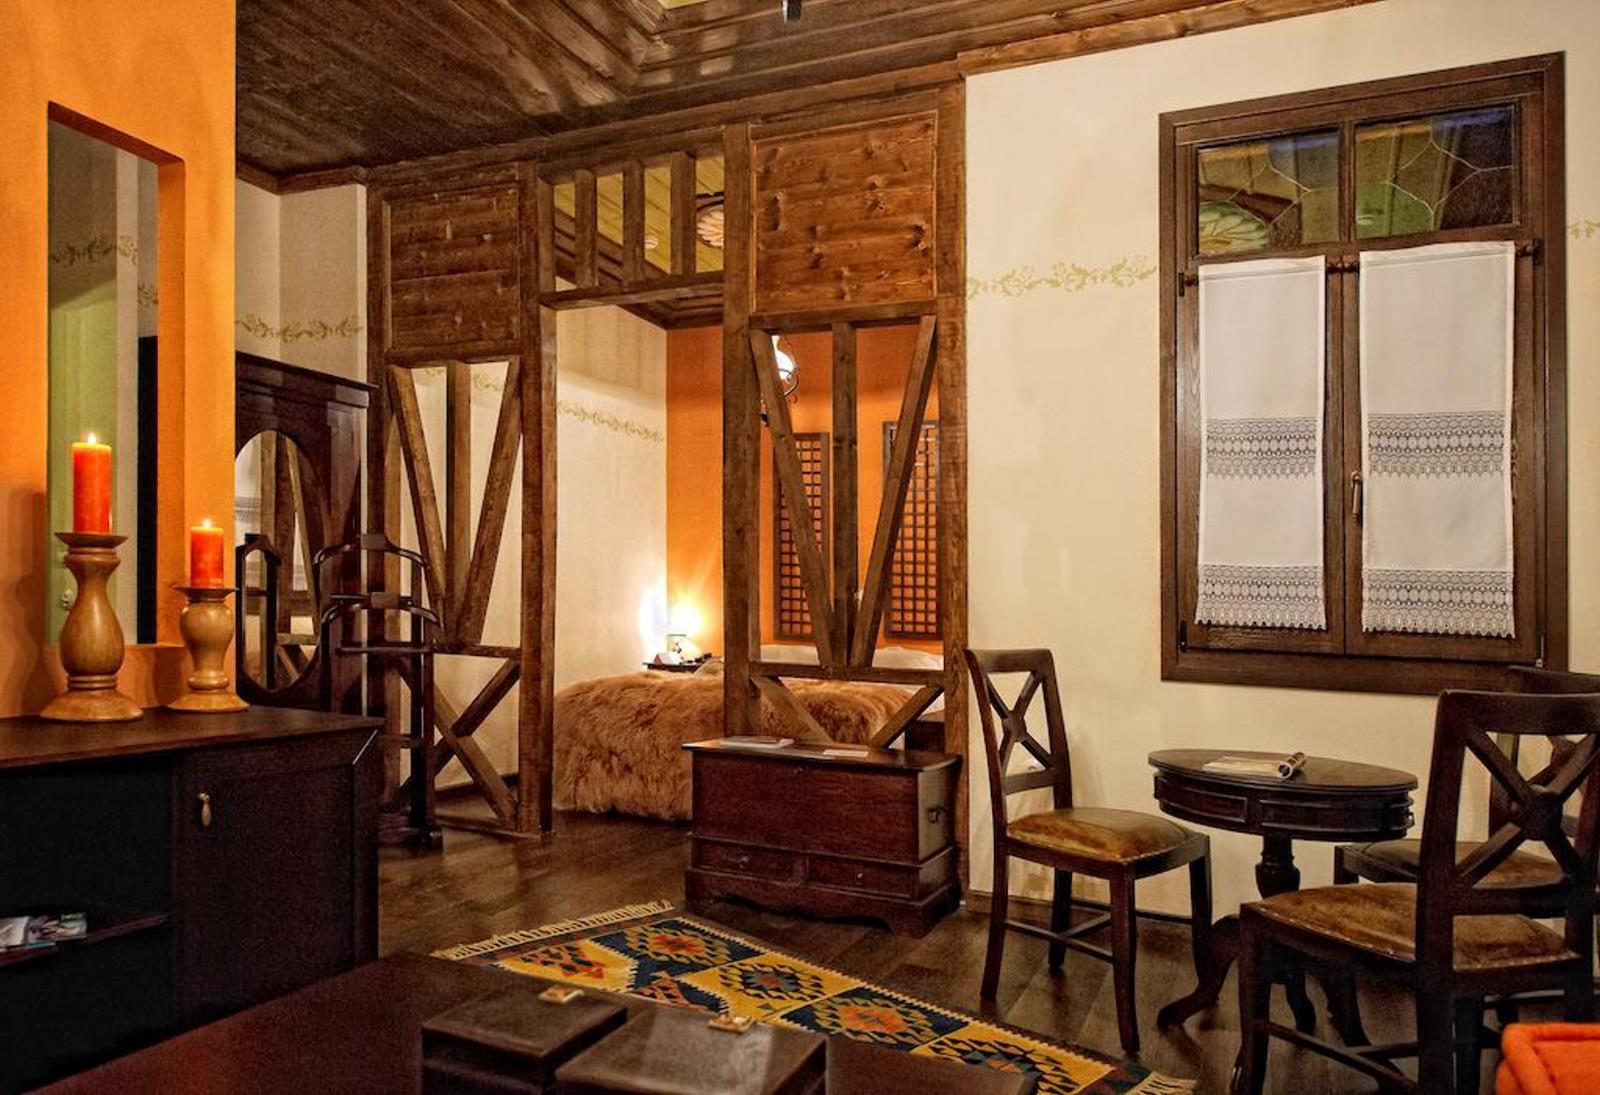 αρχοντικό Ωρολογοπούλου Καστοριά δωμάτιο εσωτερική λήψη